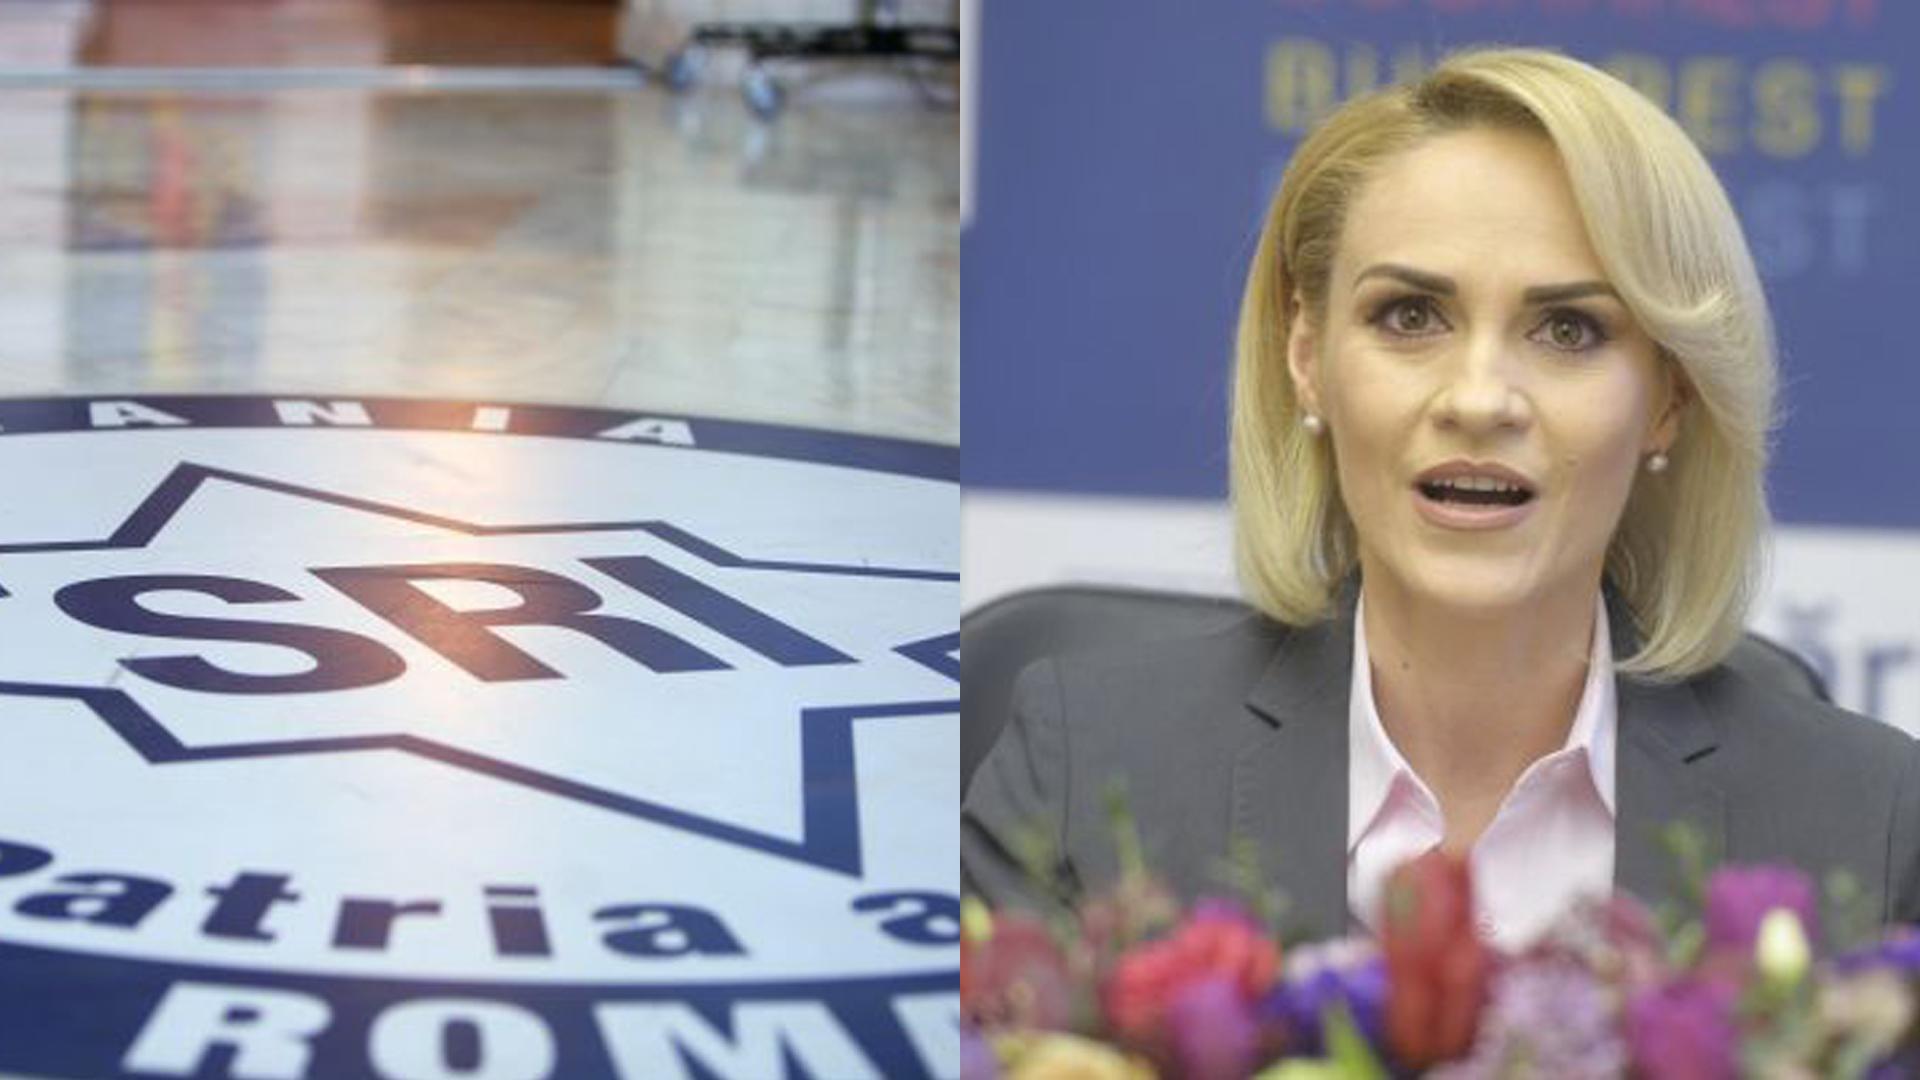 SRI i-a răspuns primarului Capitalei, Gabriela Firea, care solicitase ajutor în scandalul apei de la robinet contaminate cu clor.